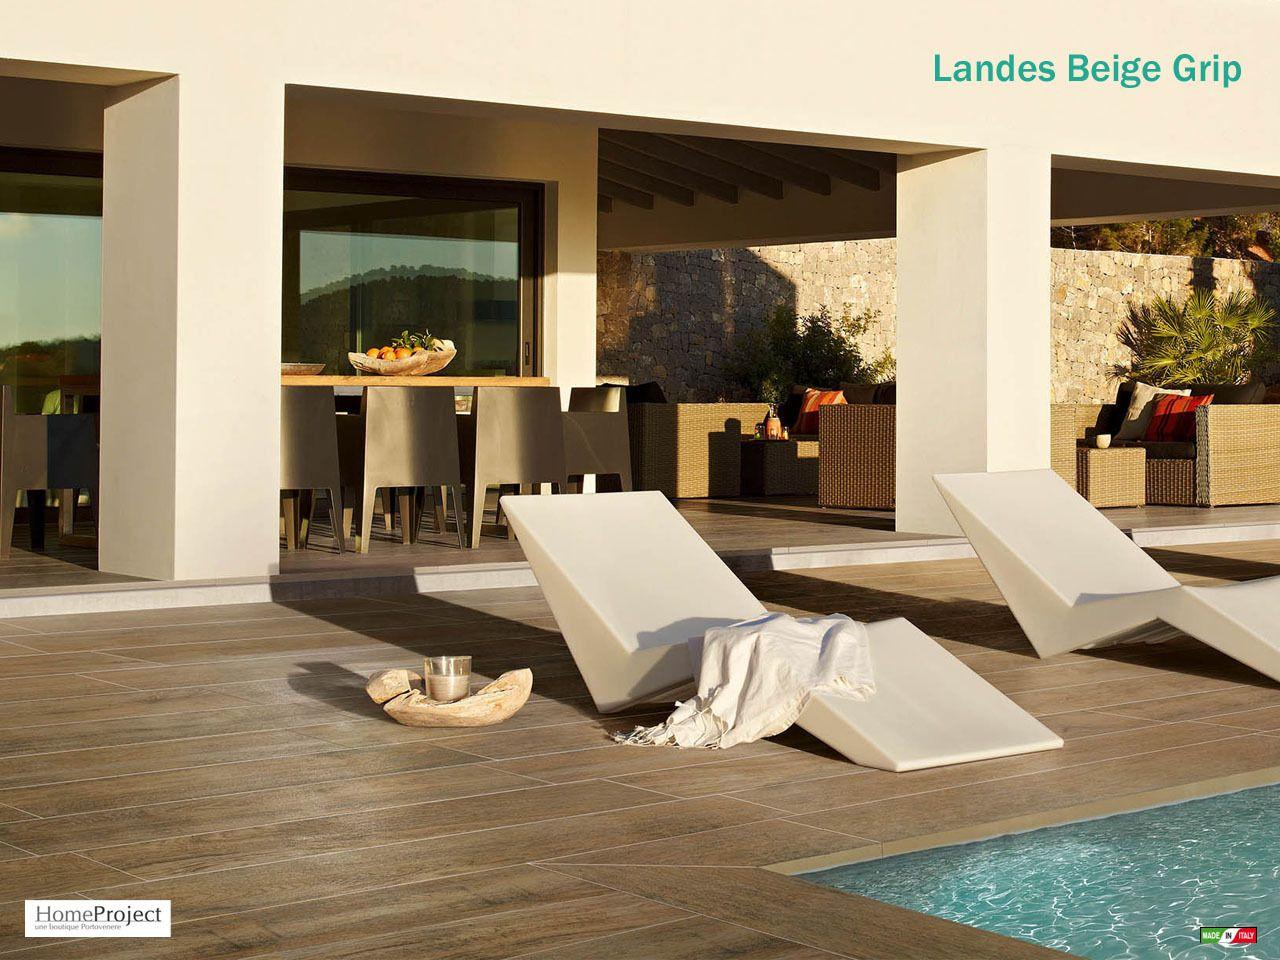 Carrelage ext rieur parquet landes beige 16x99 5 cm grip for Parquet terrasse exterieur